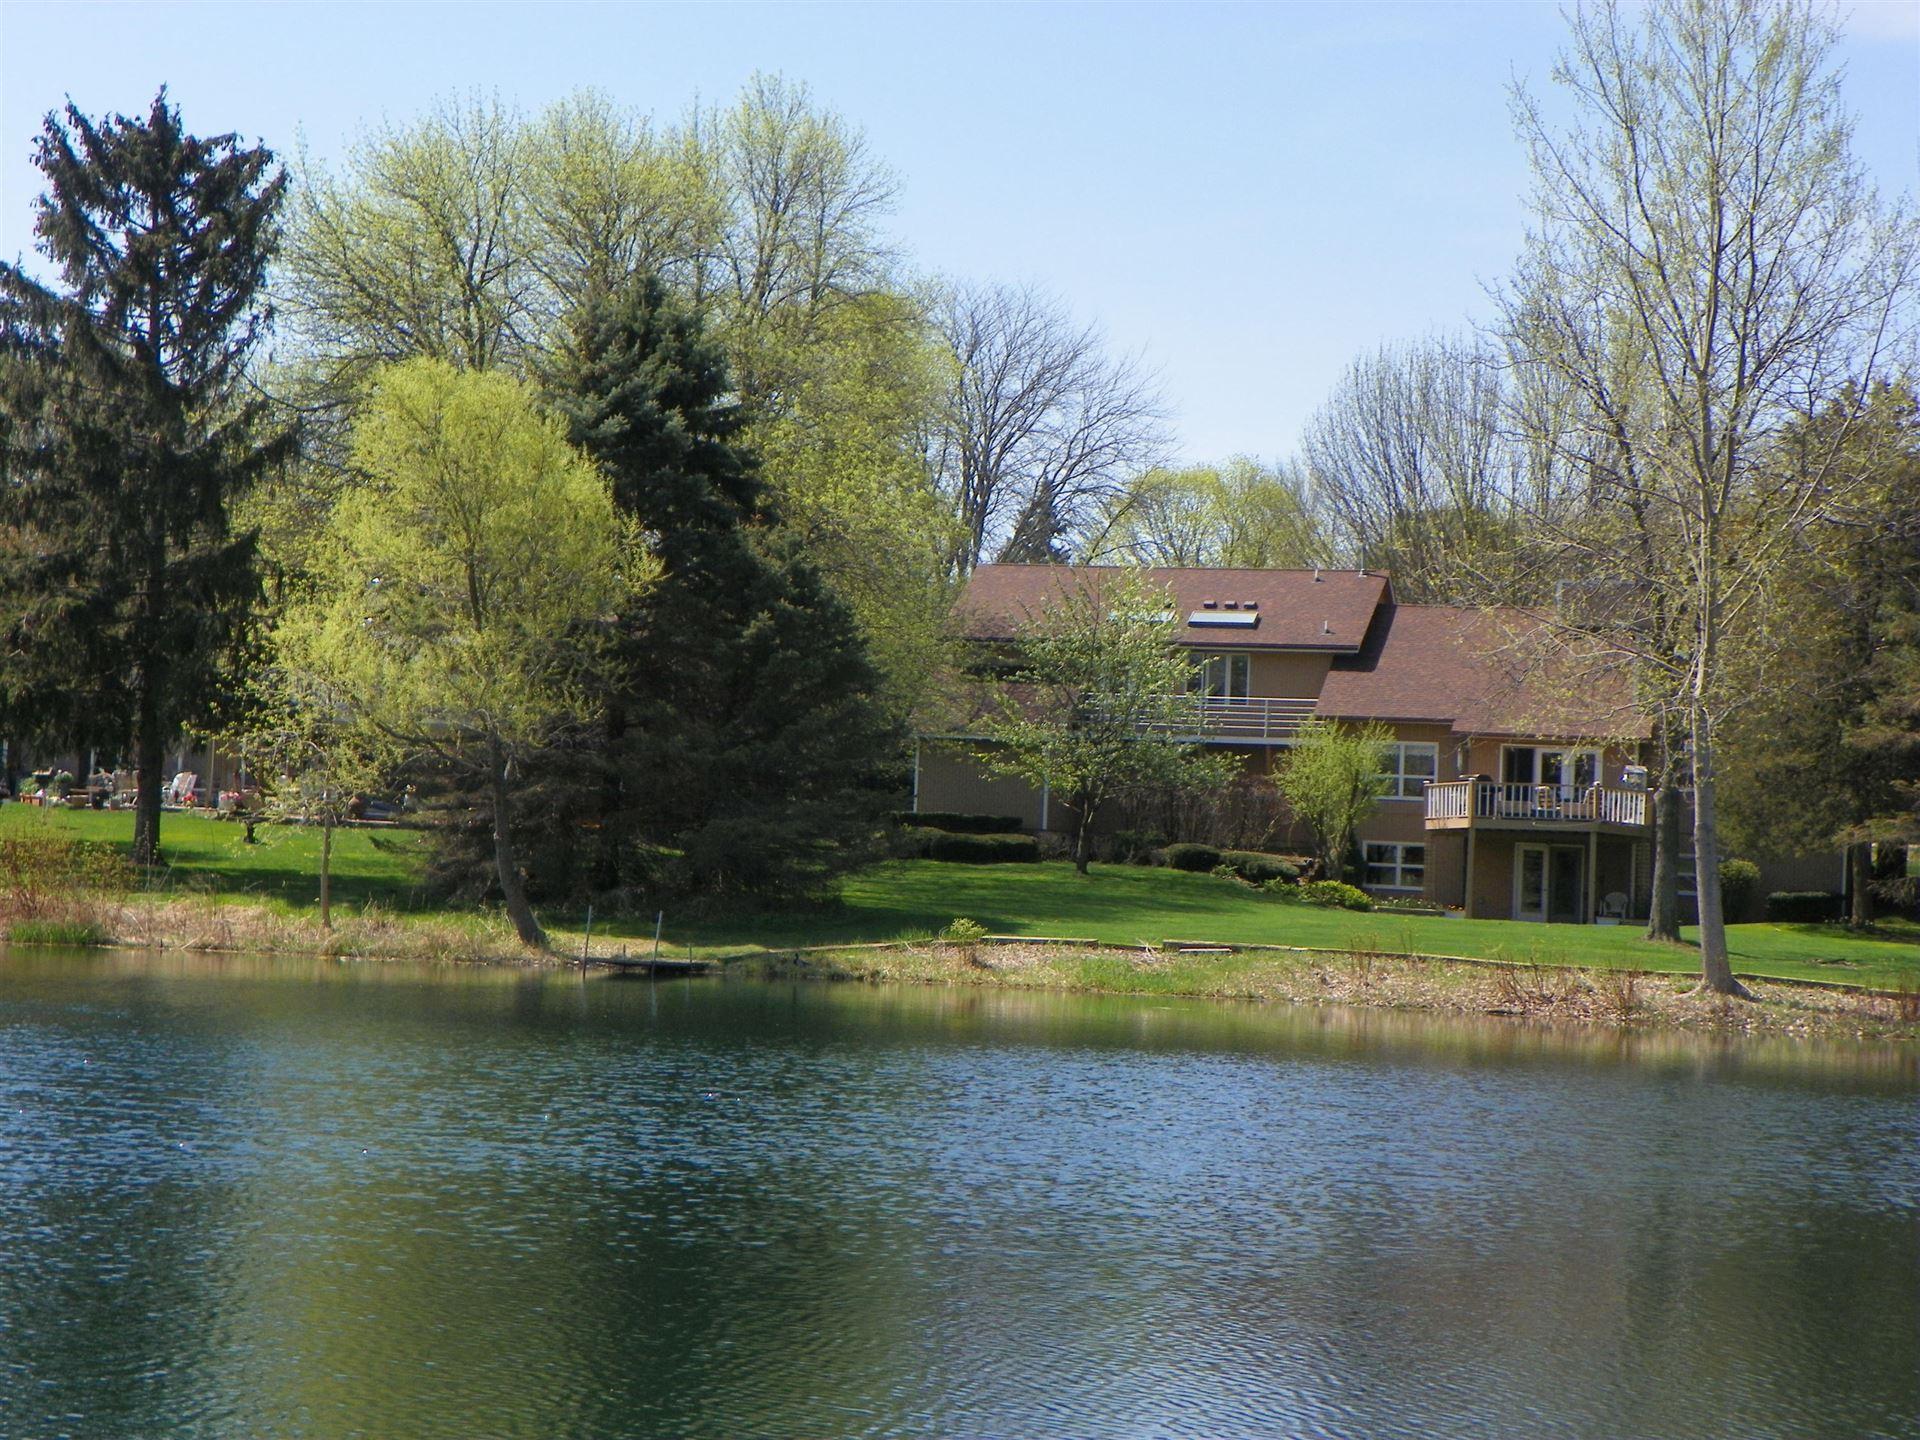 216 Evergreen Ln, Twin Lakes, WI 53181 - #: 1689268